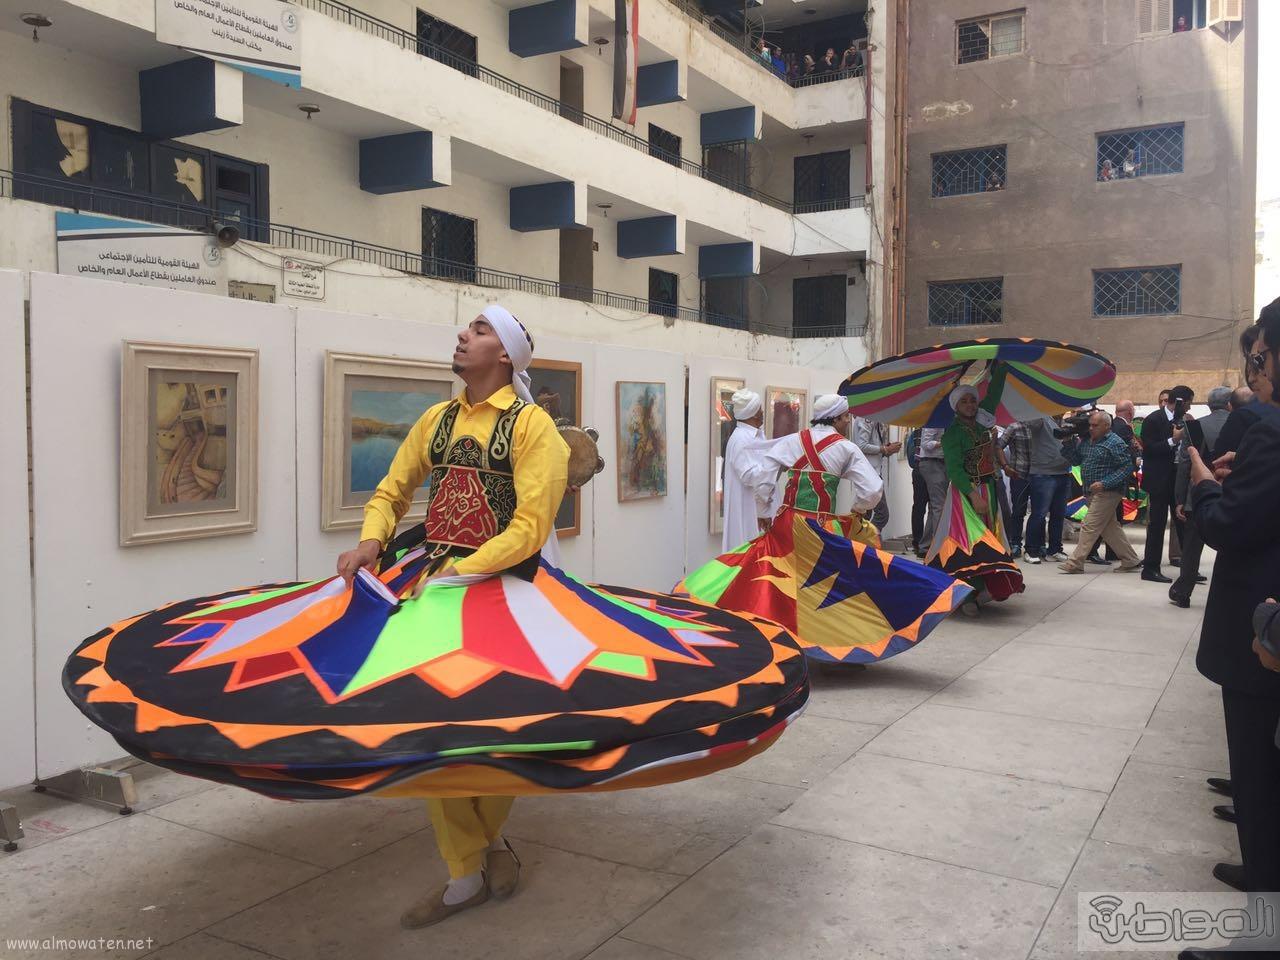 زيارة الوفد الاعلامي السعودي لقصور الثقافة بالقاهرة (10)